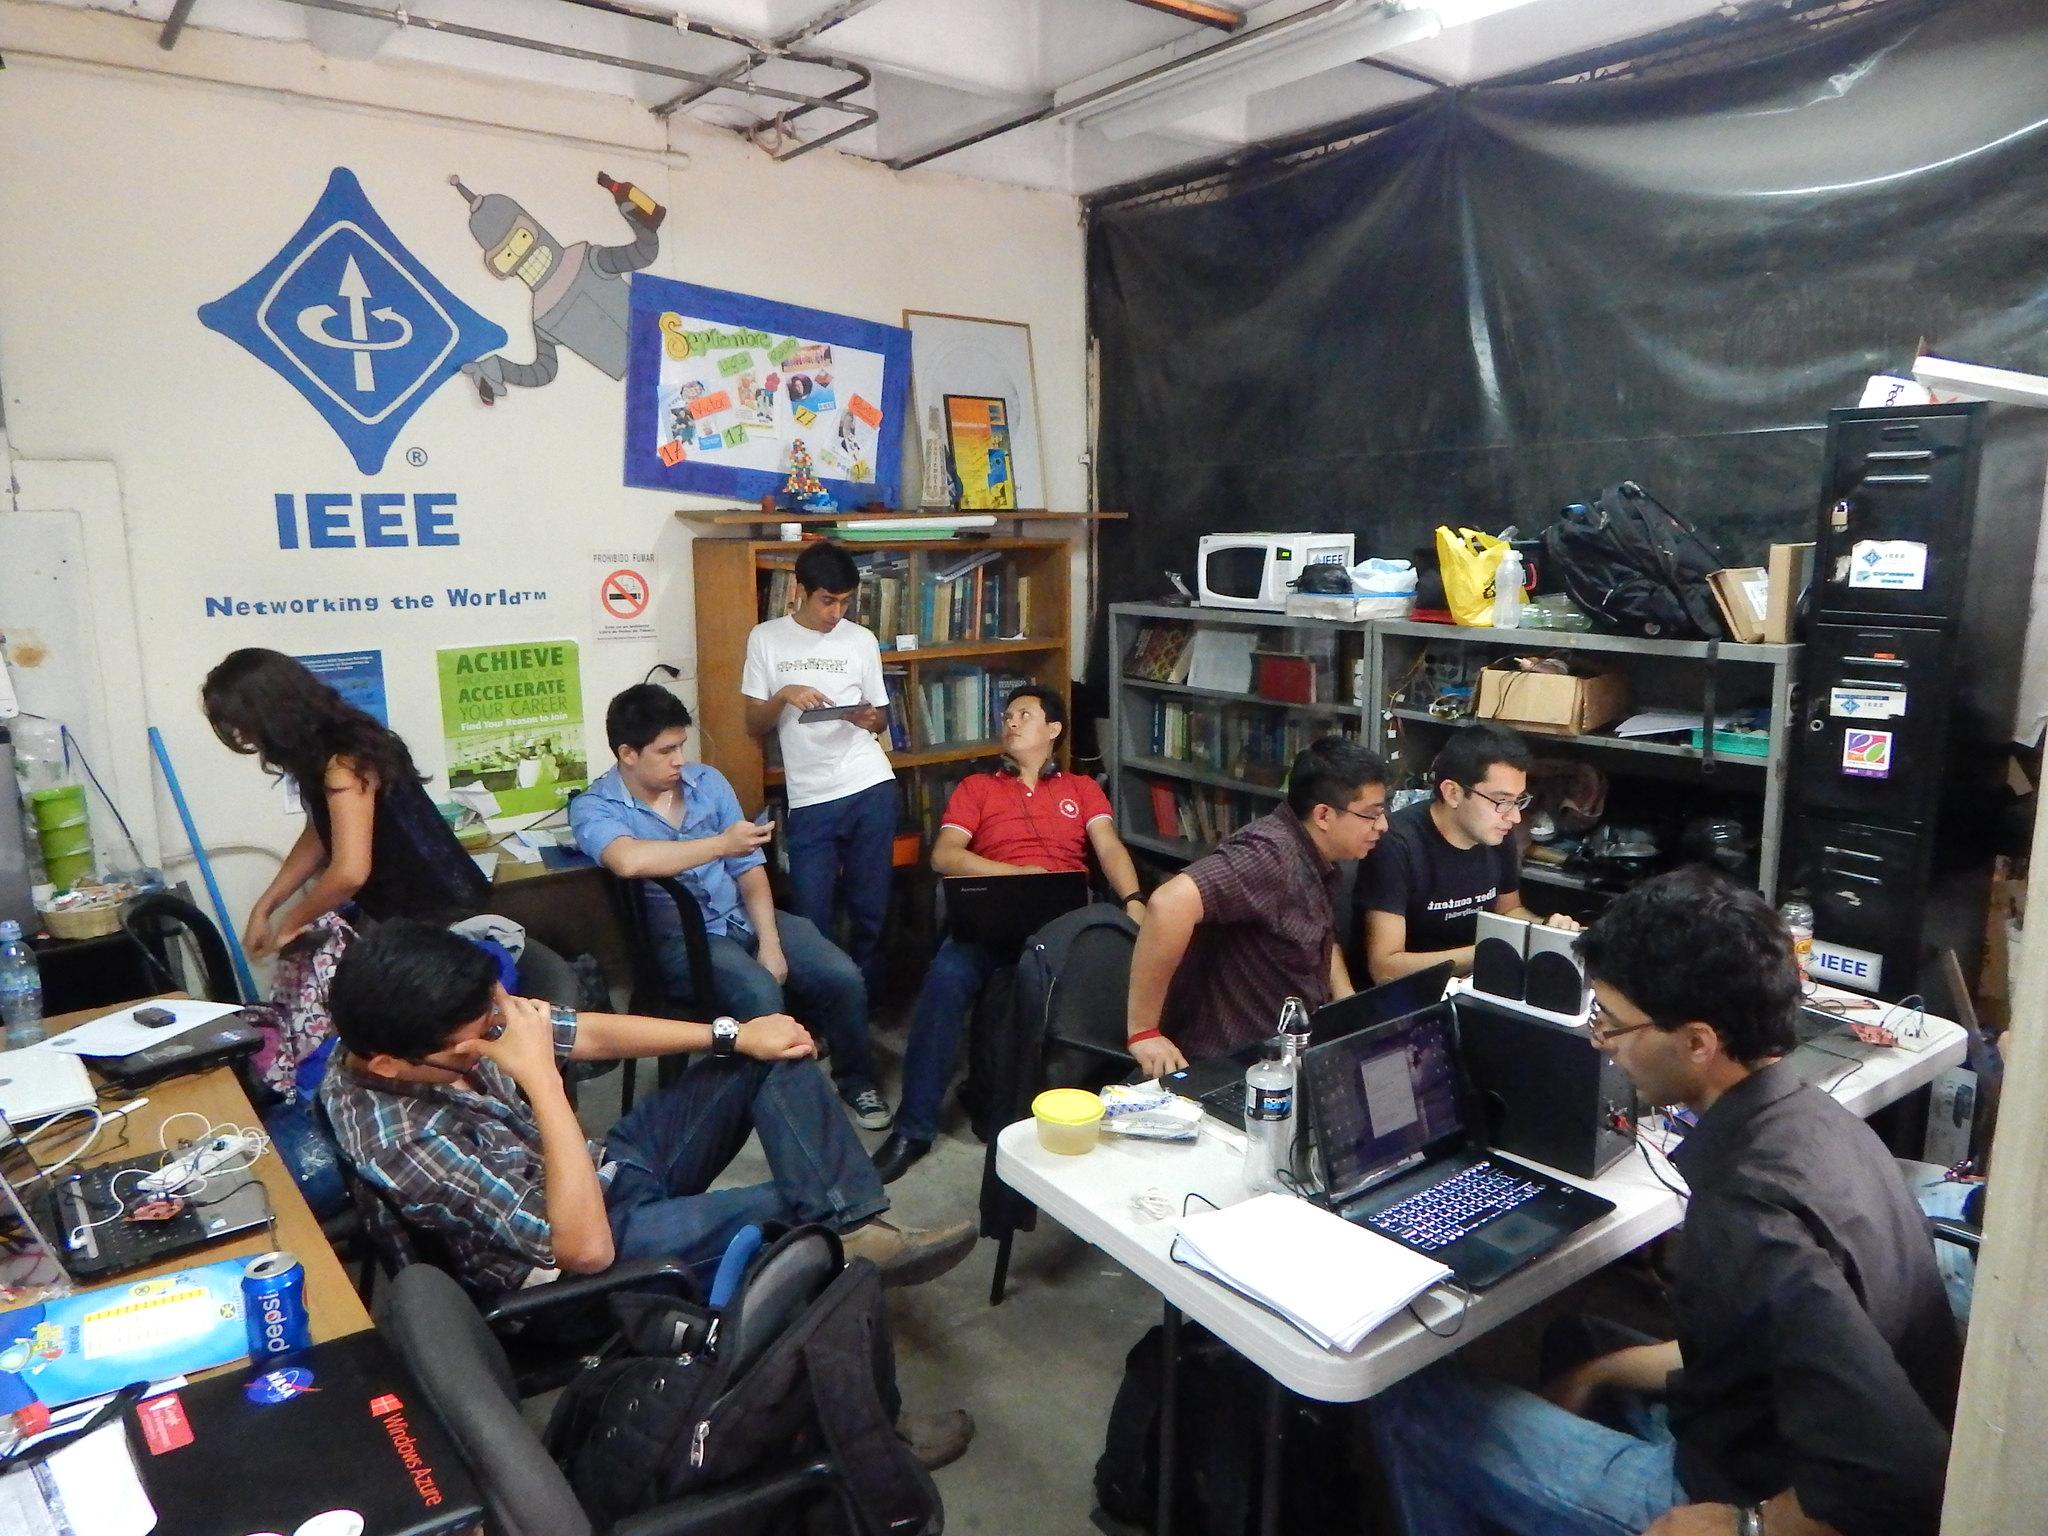 ¿HAS VISITADO LA OFICINA DE LA RAMA IEEE-USAC?